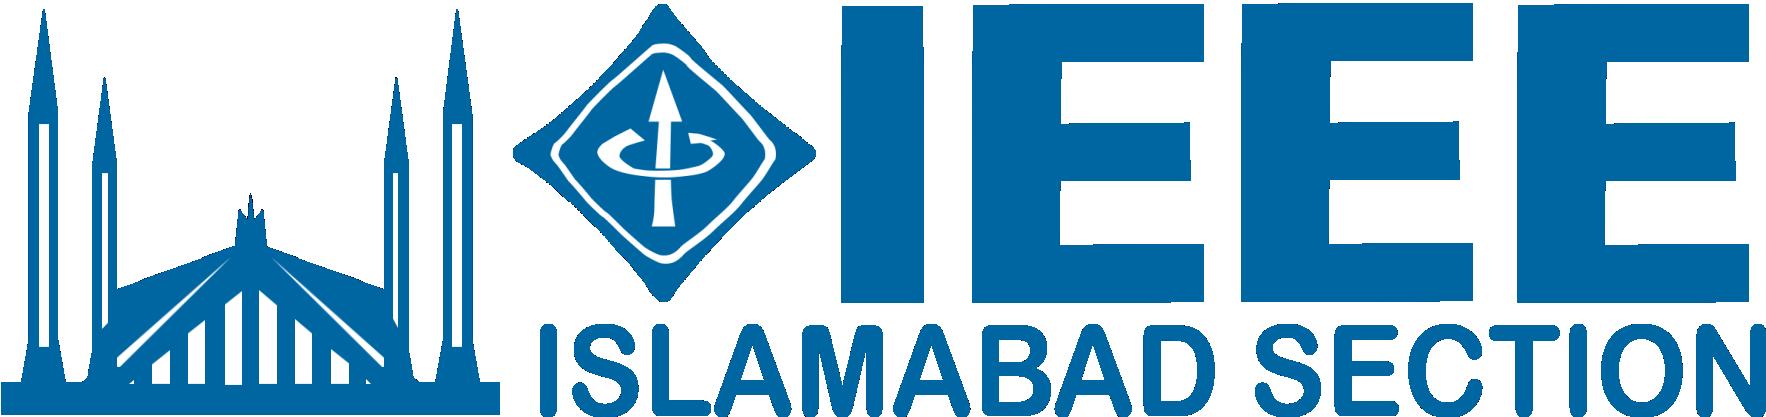 IEEE Islamabad Logo